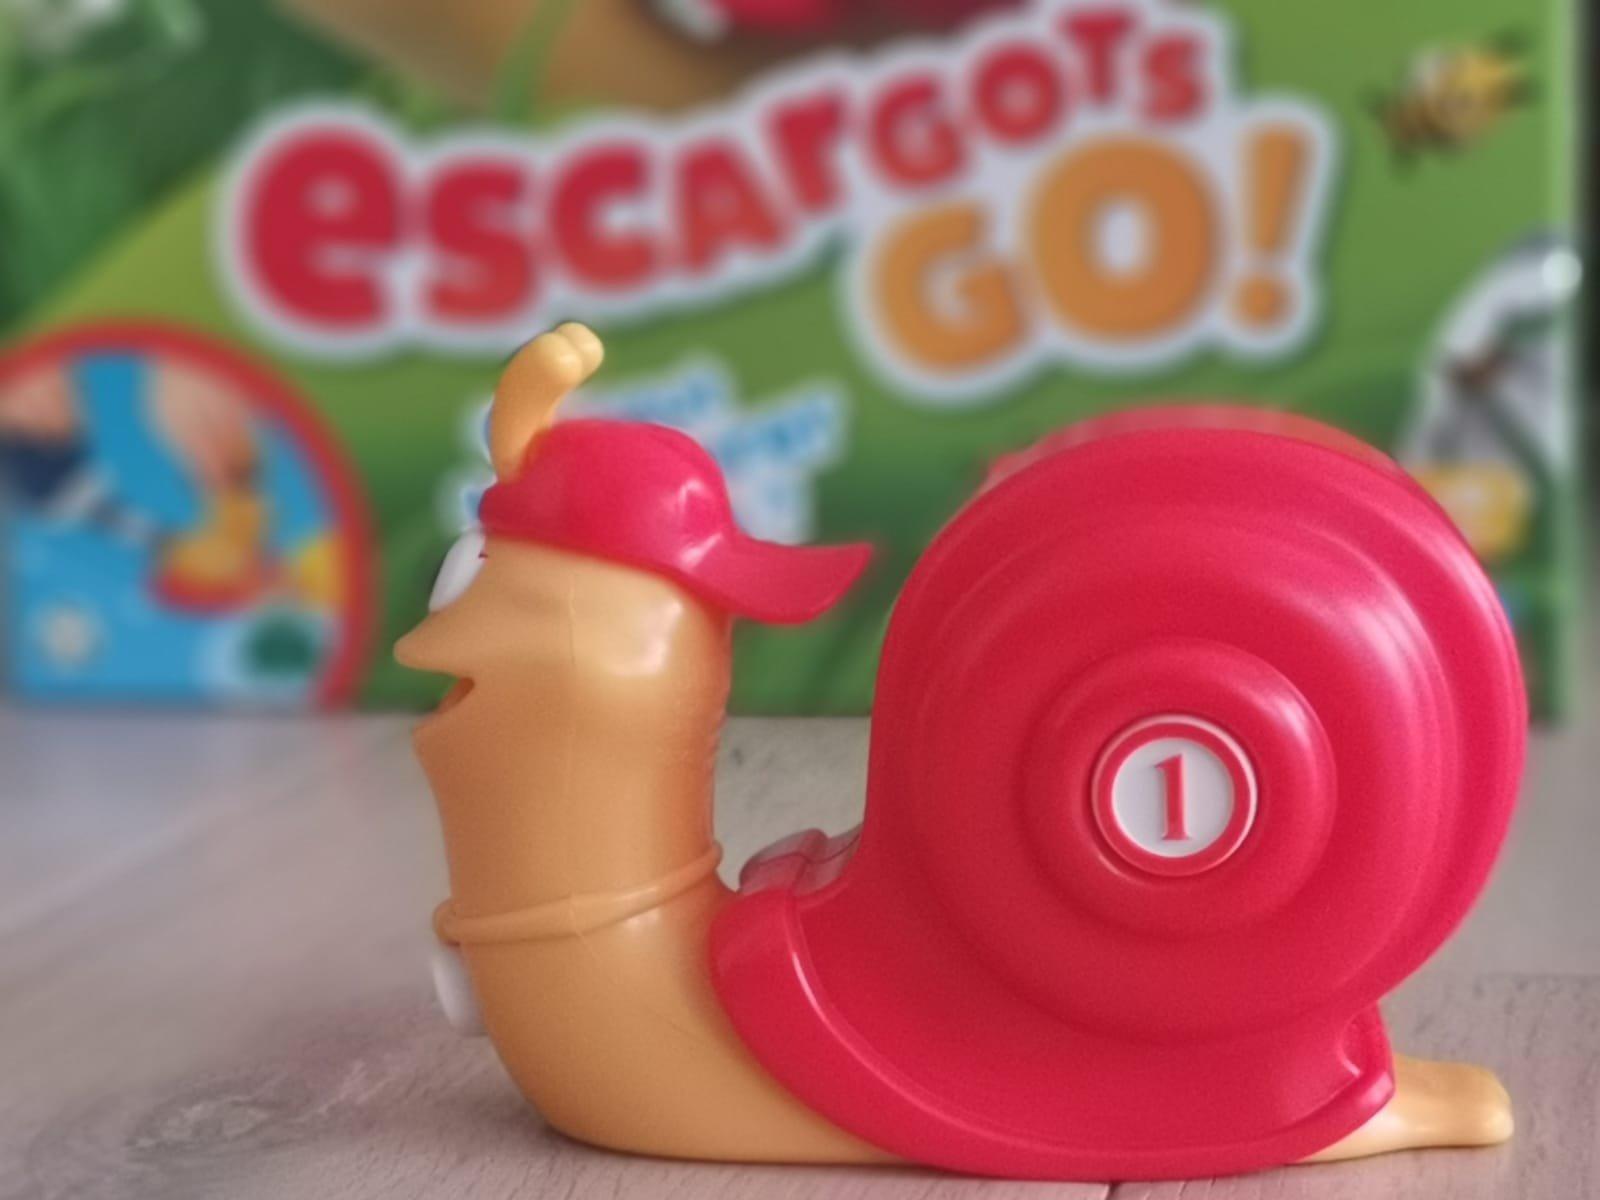 Escargots Go Le Jeu Des Tout-Petits Pour Apprendre La Notion intérieur Jeux Pour Tout Petit